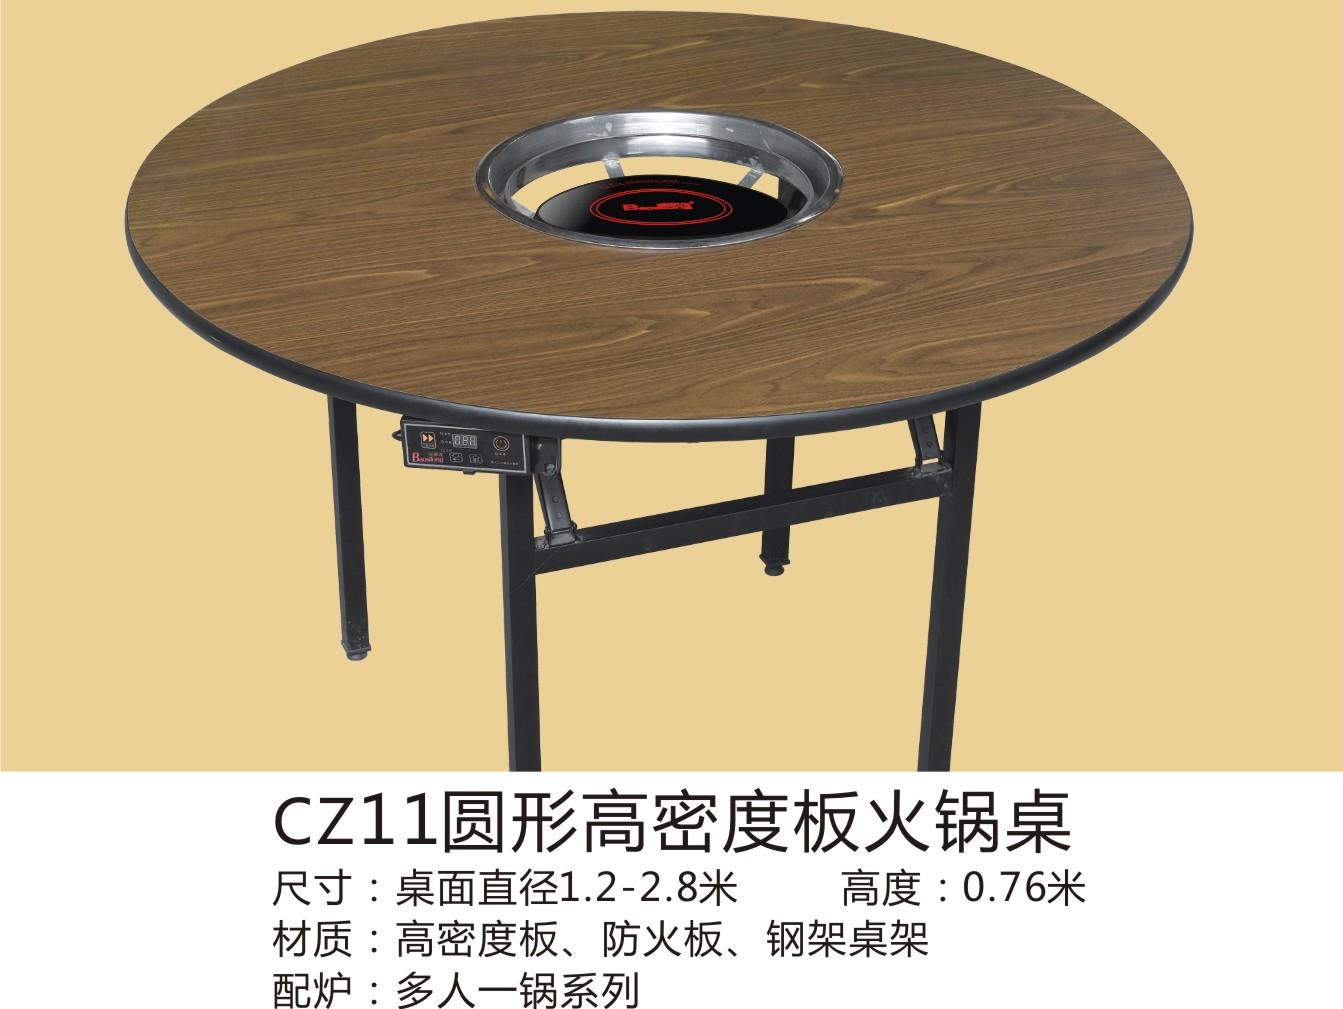 堡斯龙火锅餐桌----订购热线:18924538676 区小姐图片